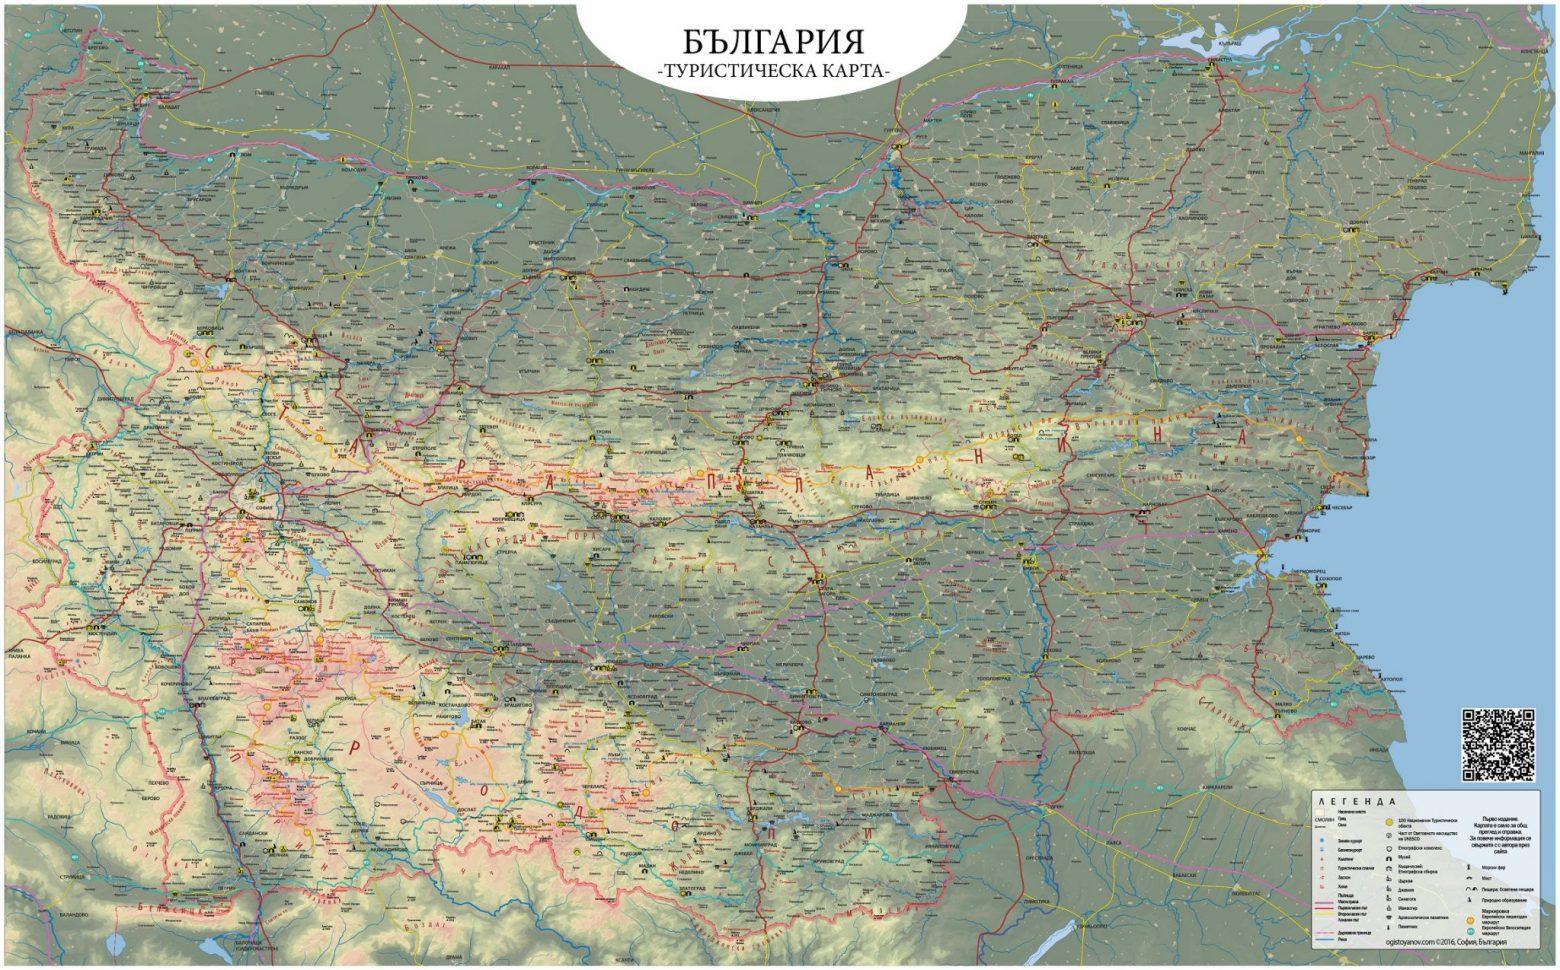 Turisticheska Karta Na Blgariya Ocstoyanov